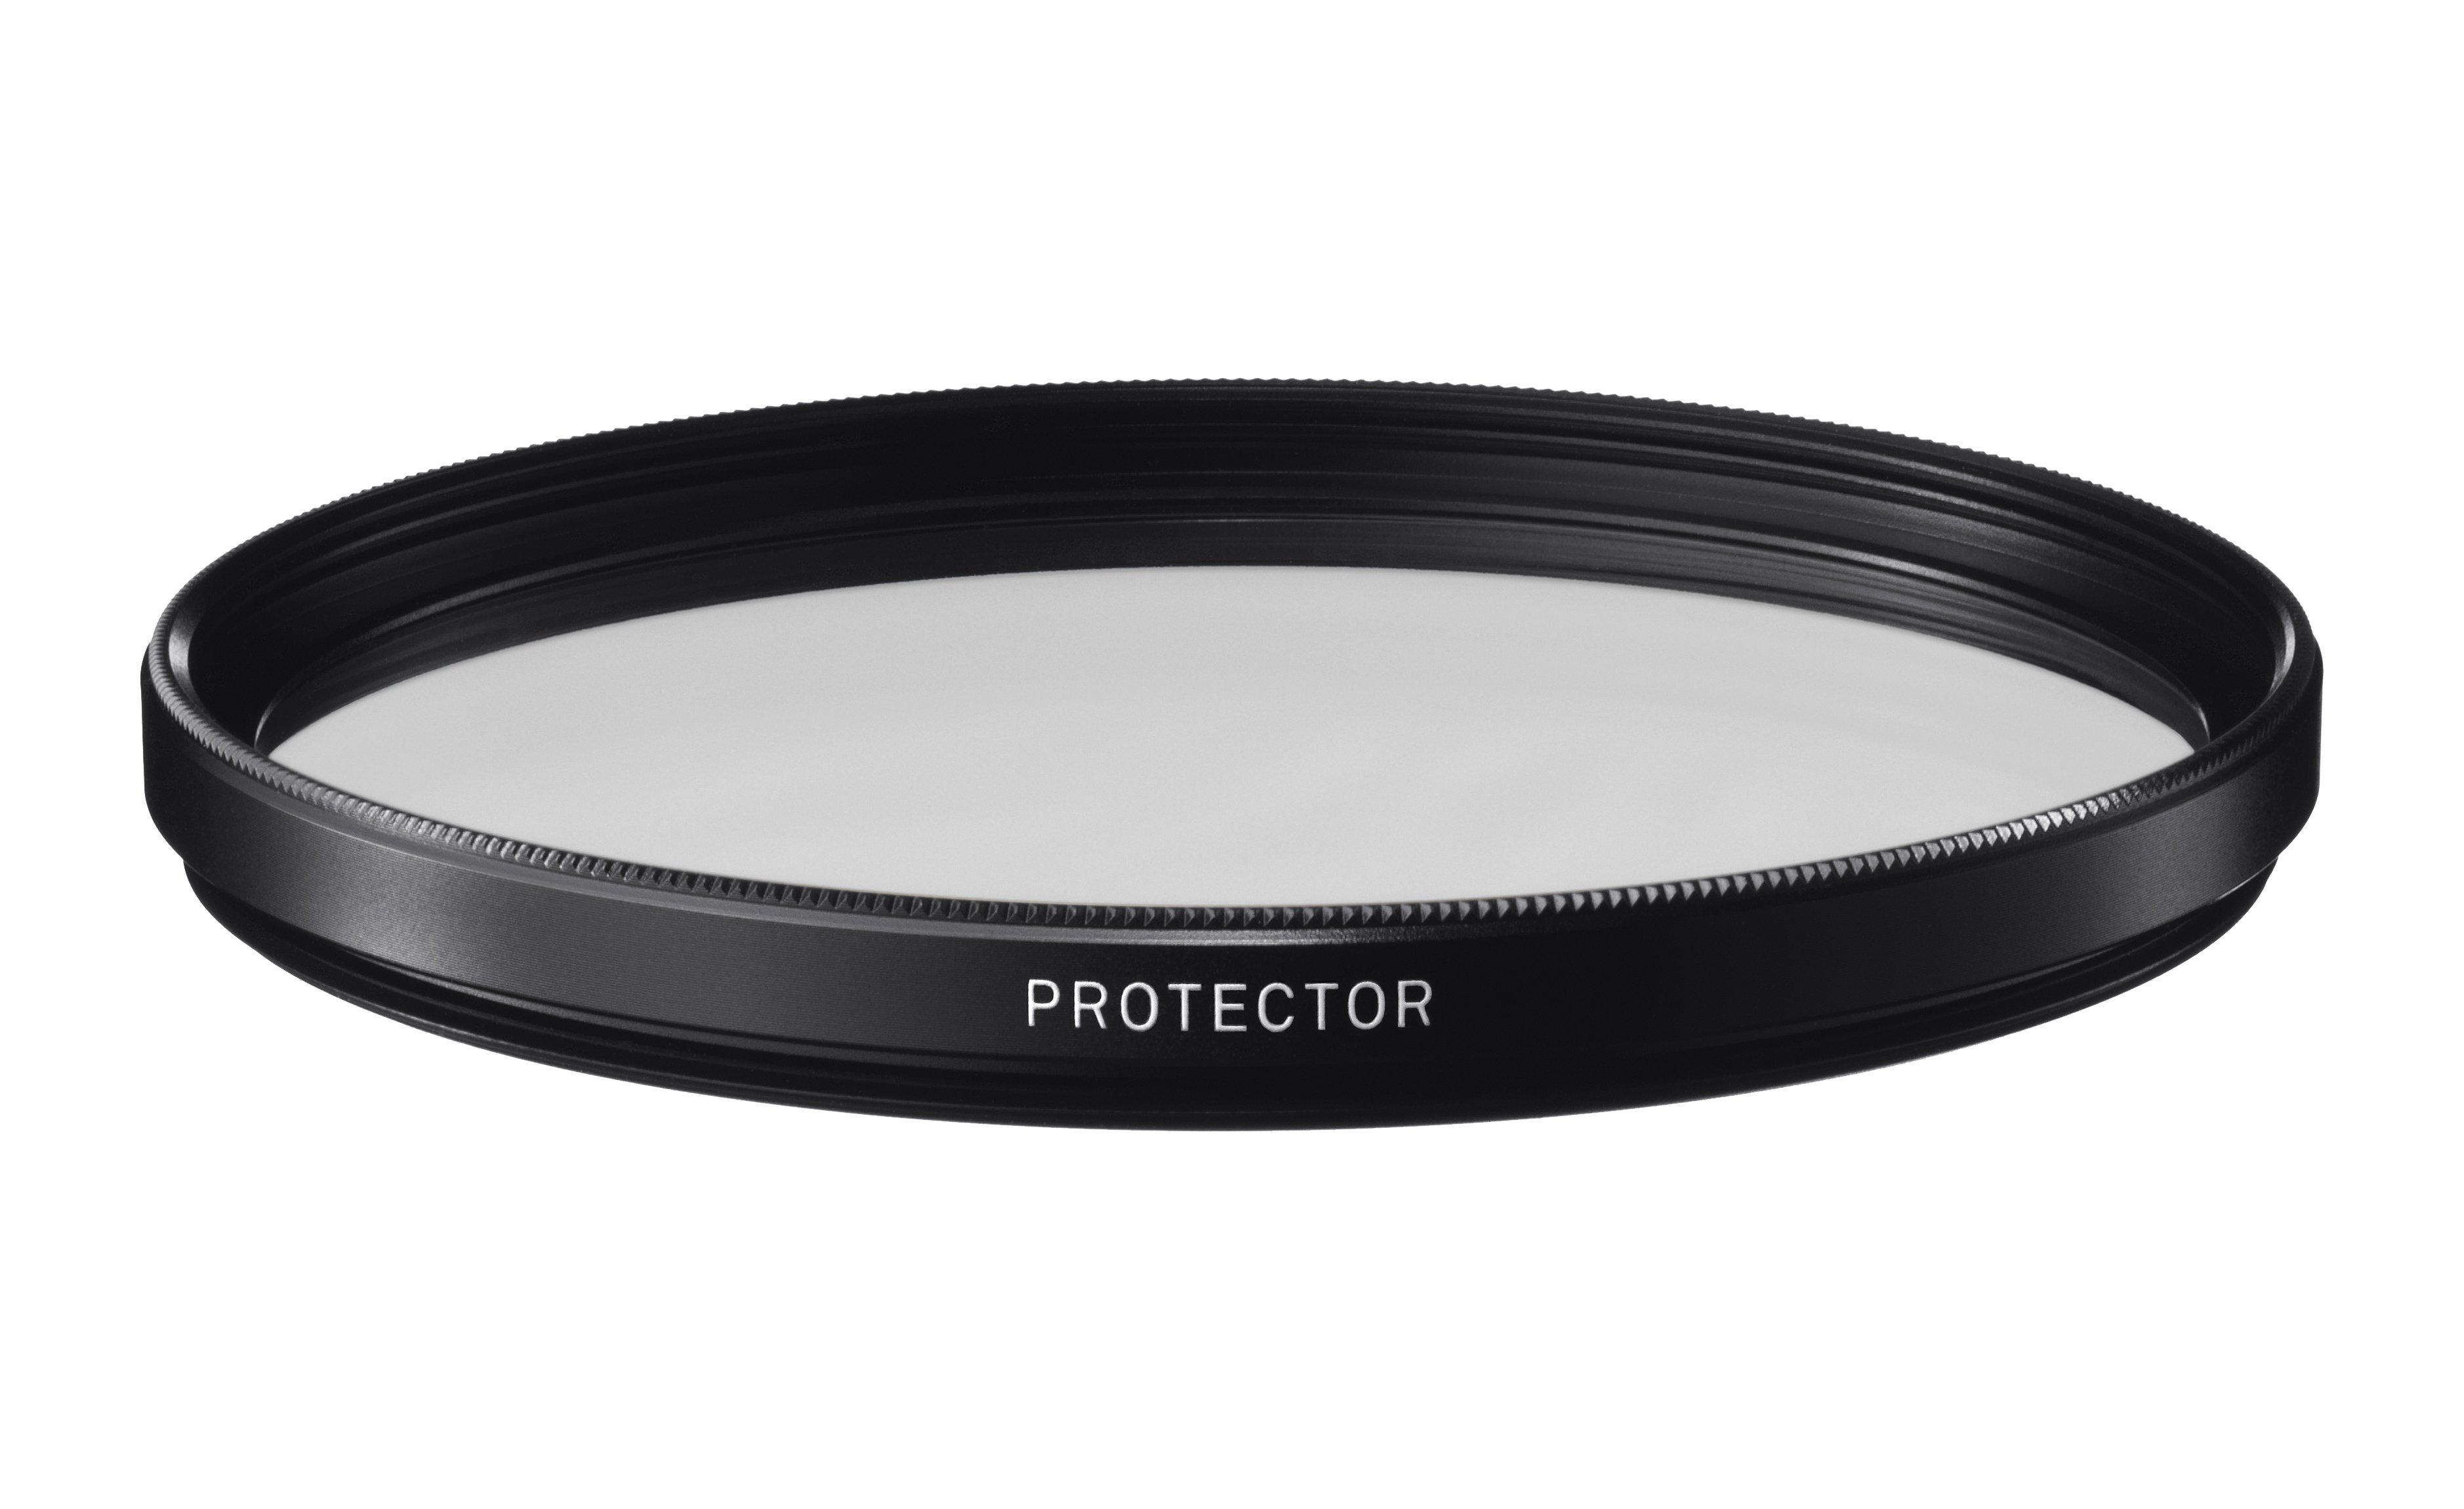 SIGMA filtr ochranný 105 mm